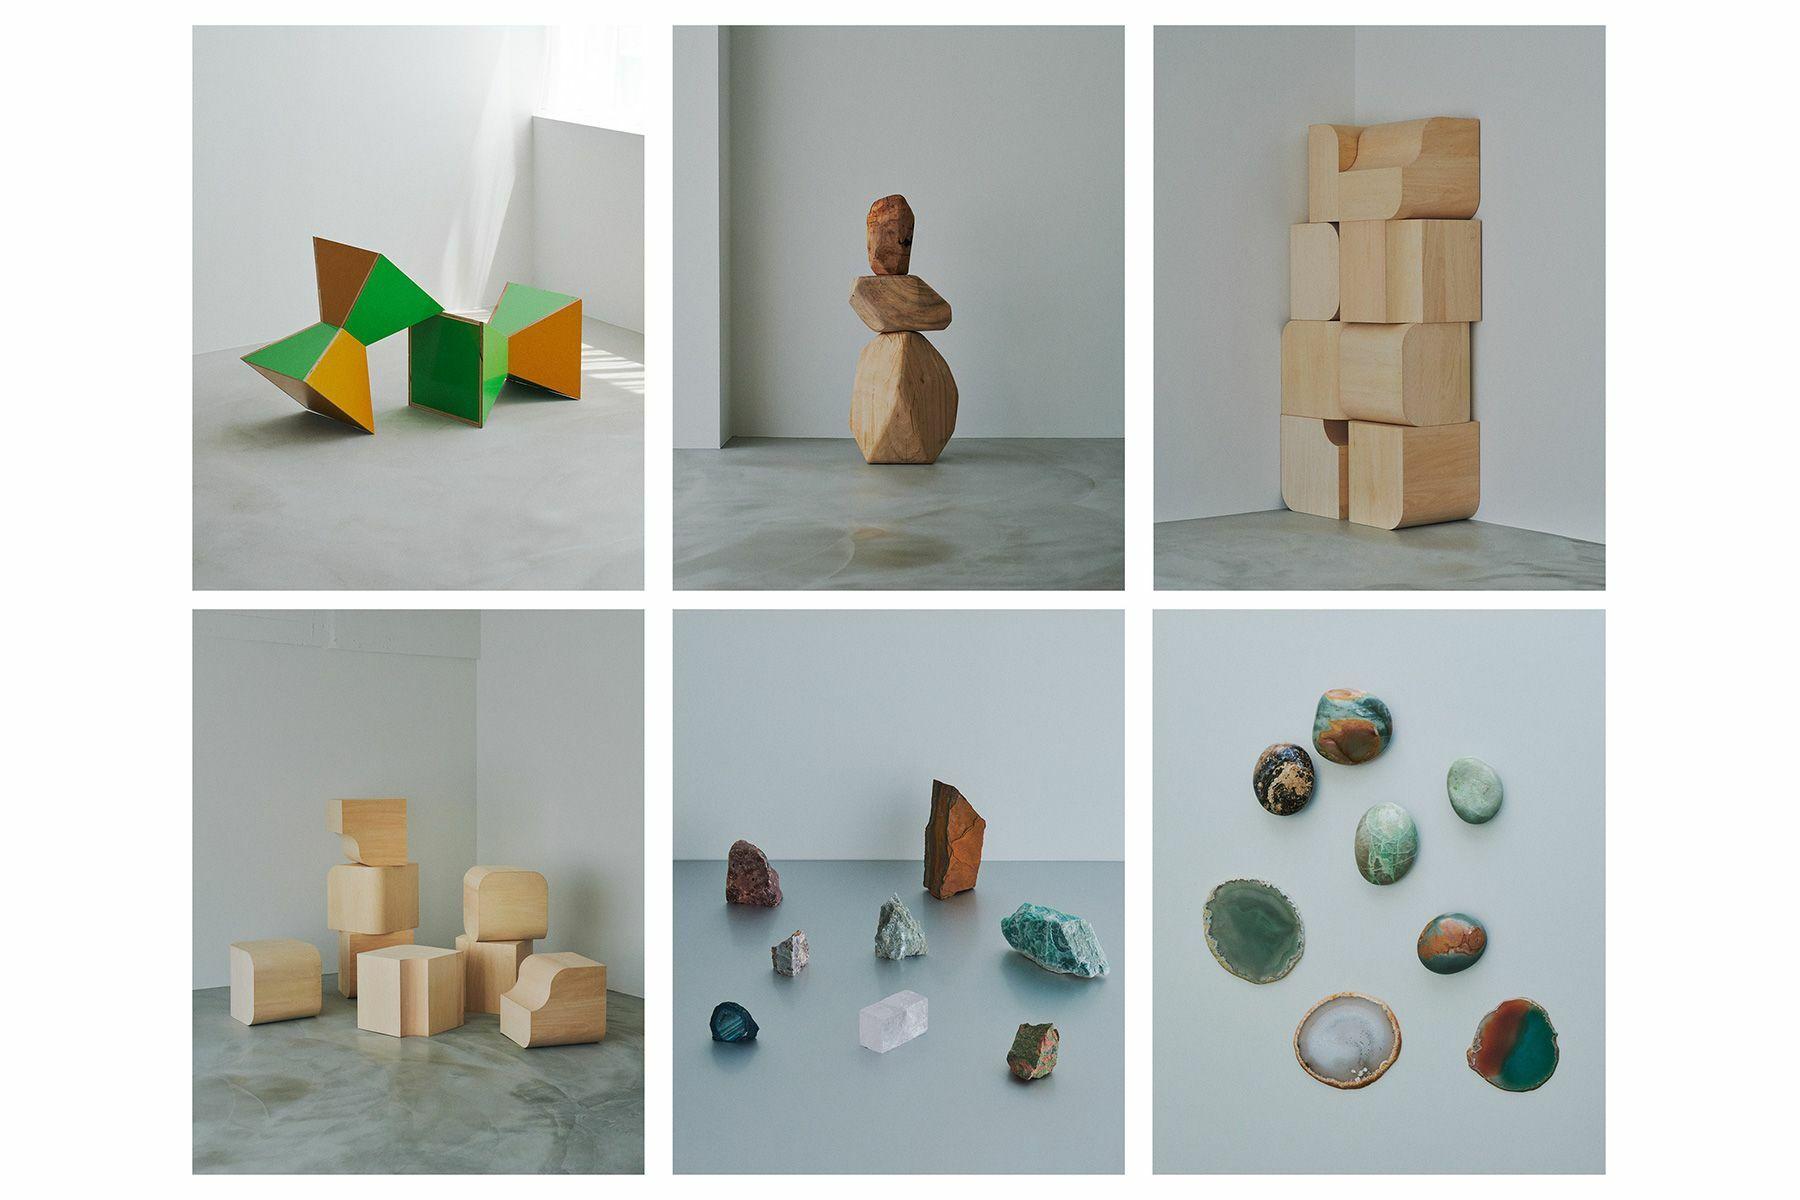 E3 (イースリー)スタジオ入口